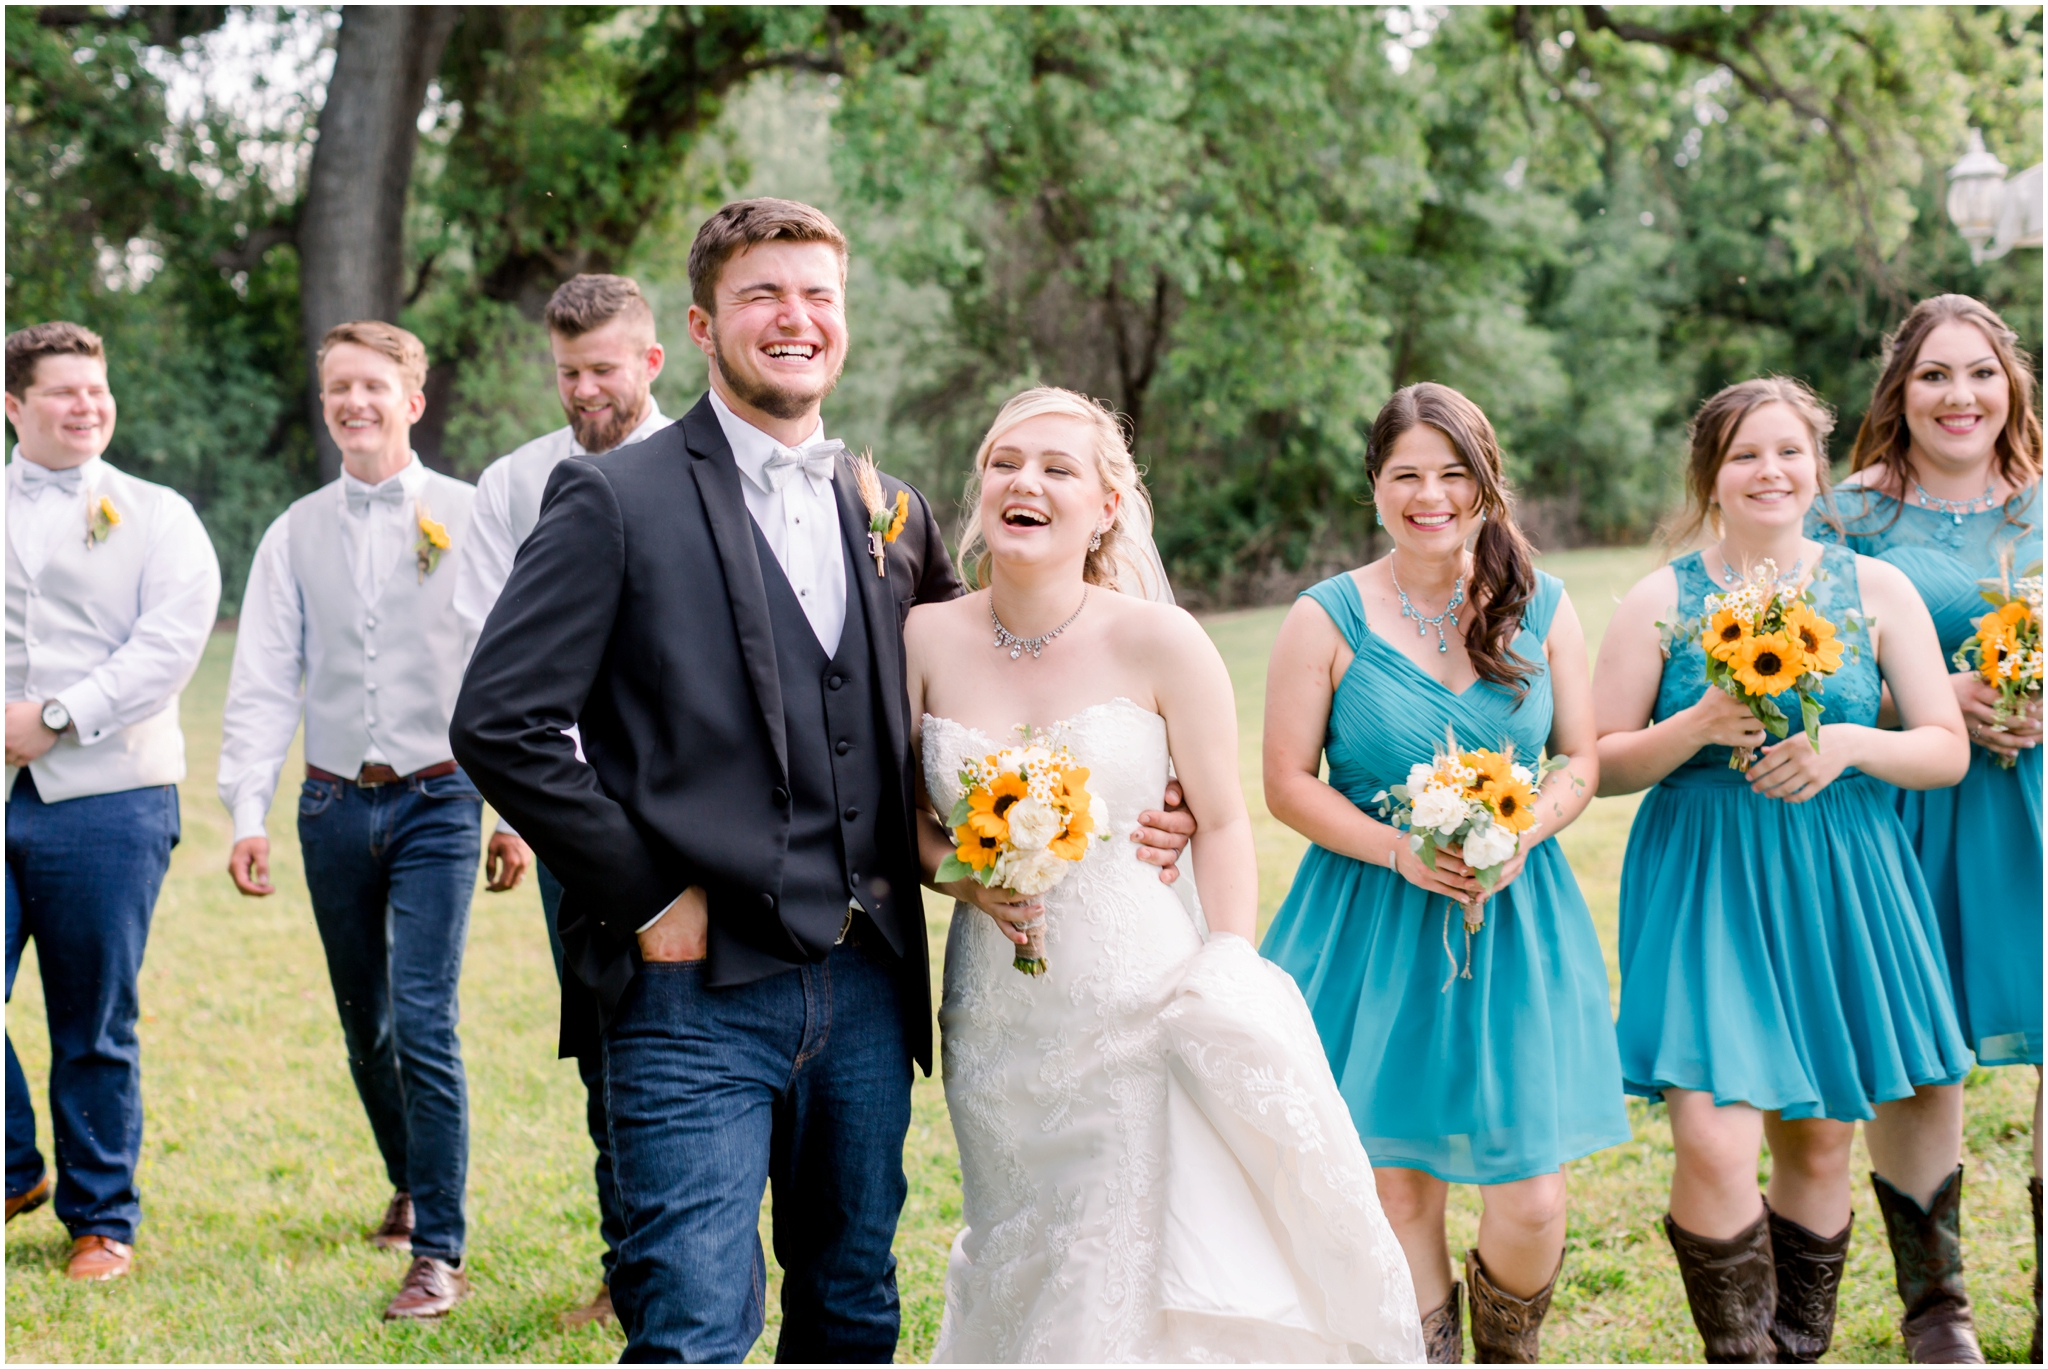 dana_josh_wedding_little_bear_creek_blog_0025.jpg